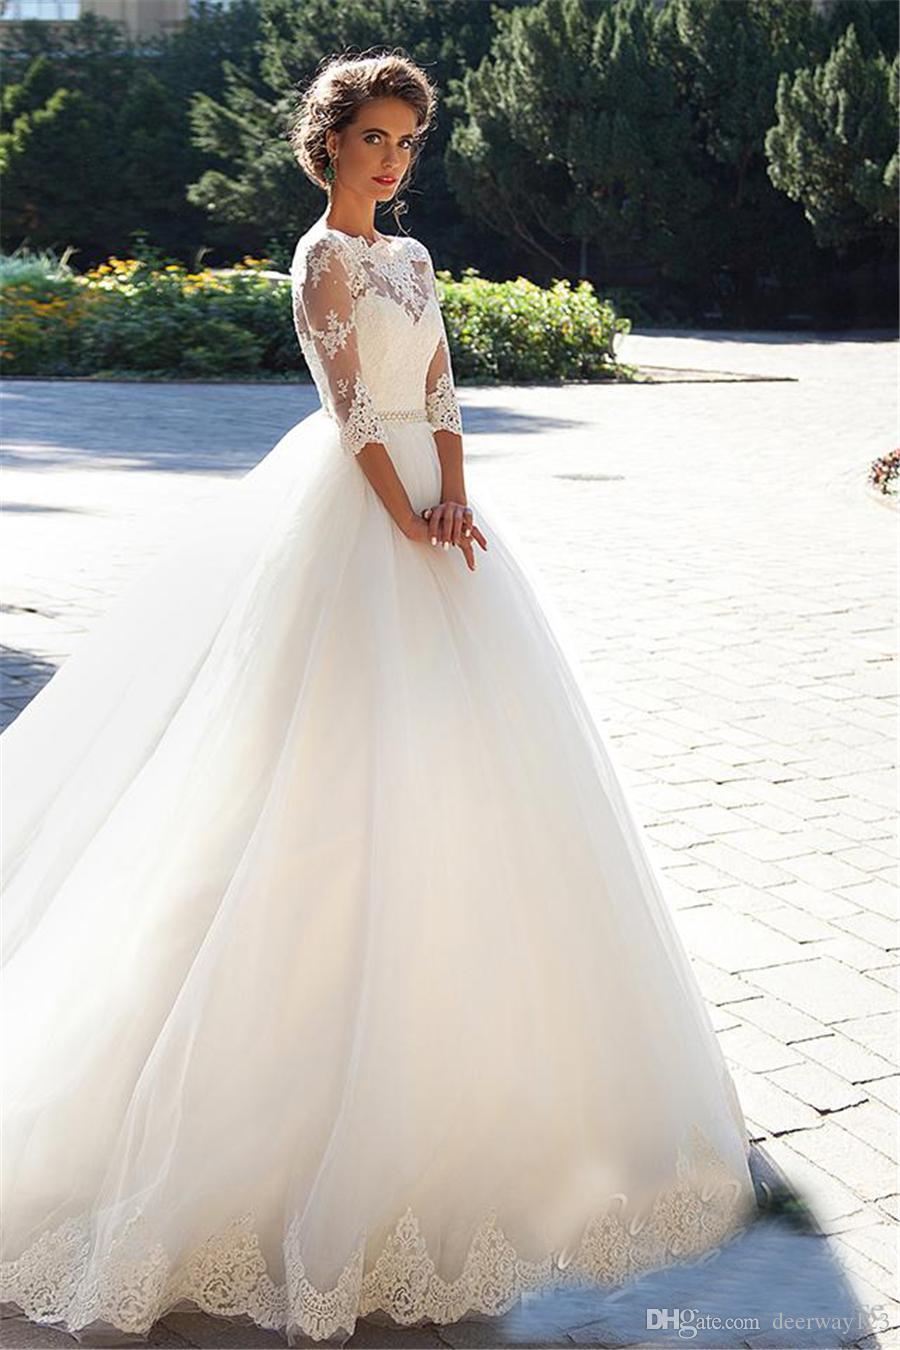 Bateau 3/4 Maniche lunghe Perle Tulle Principessa Abiti da sposa a buon mercato Abiti da sposa Plus Size Country Vintage Lace Millova 2020 Abiti da sposa